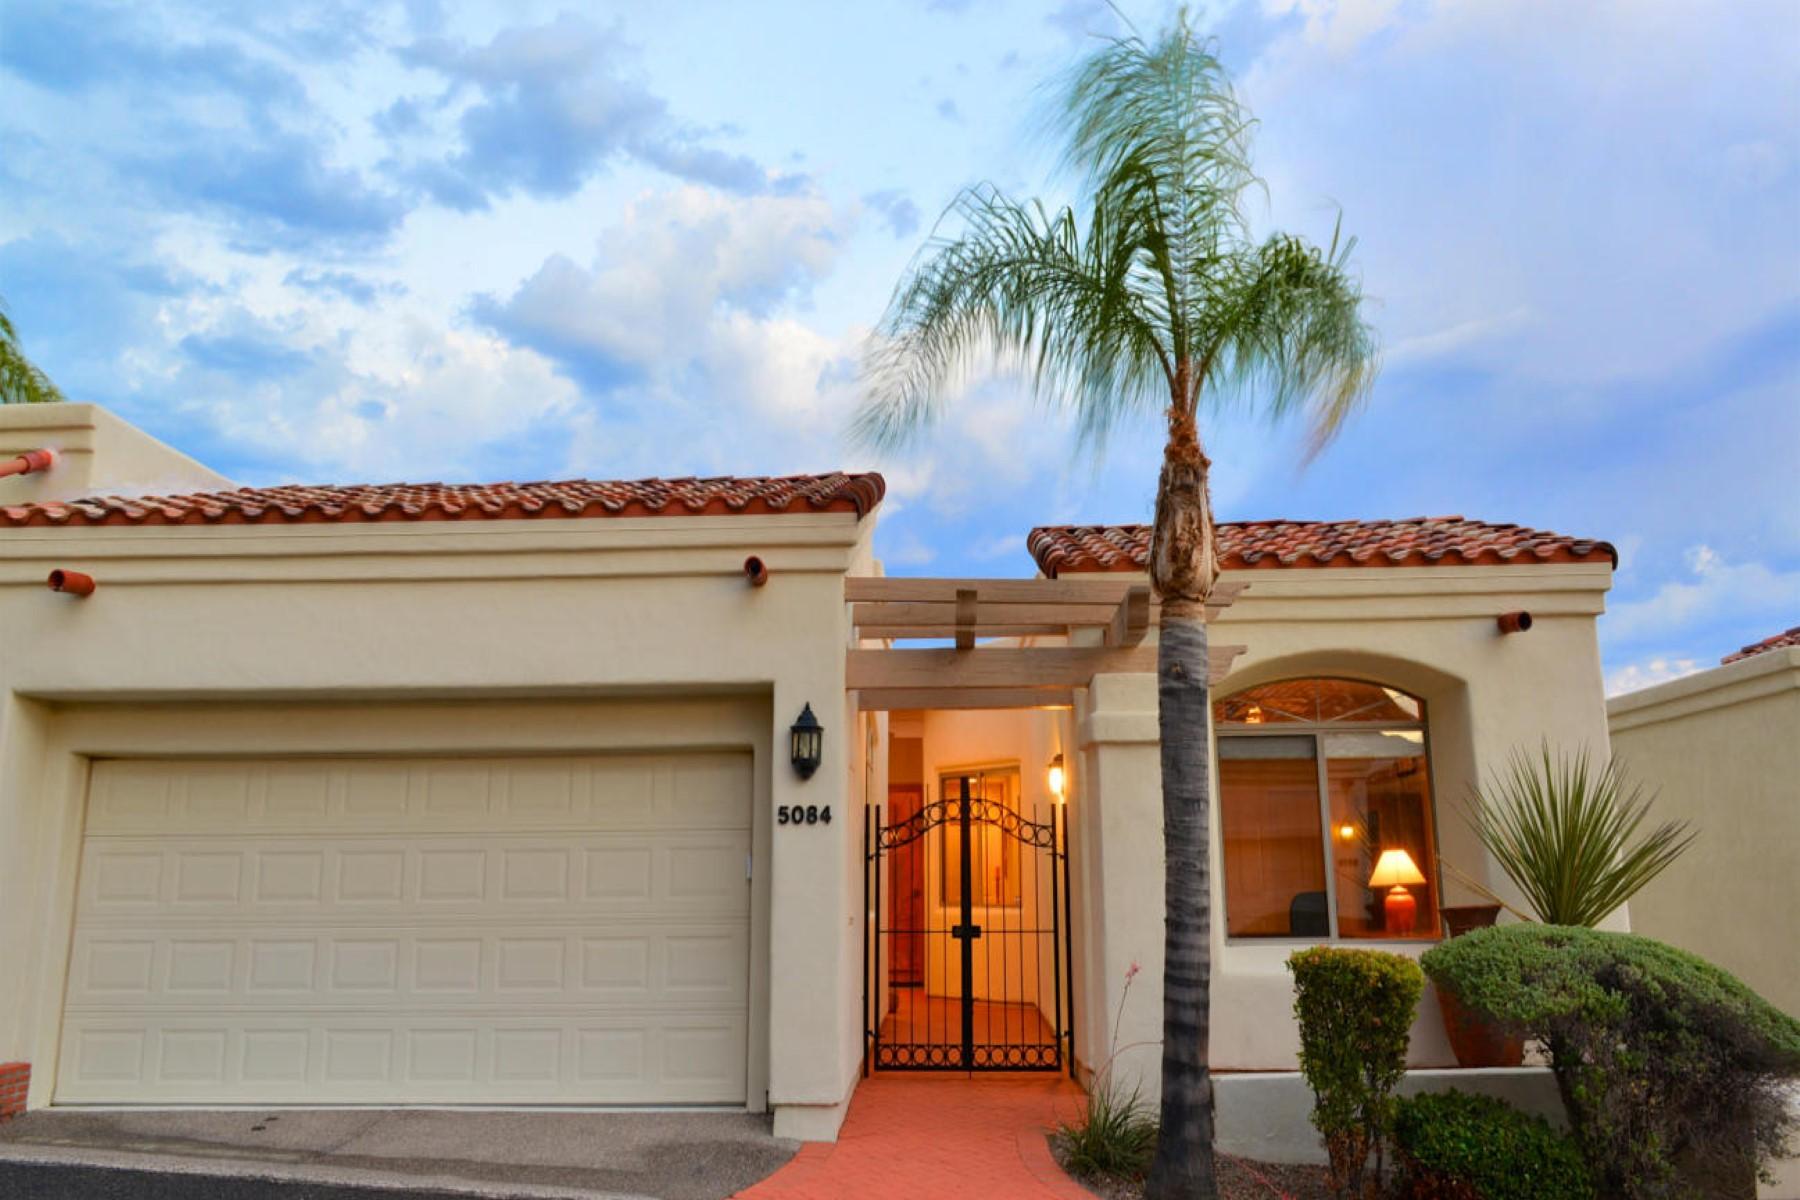 Villa per Vendita alle ore Charming home nestle in the heart of Catalina Foothills 5084 E Calle Brillante Tucson, Arizona, 85718 Stati Uniti